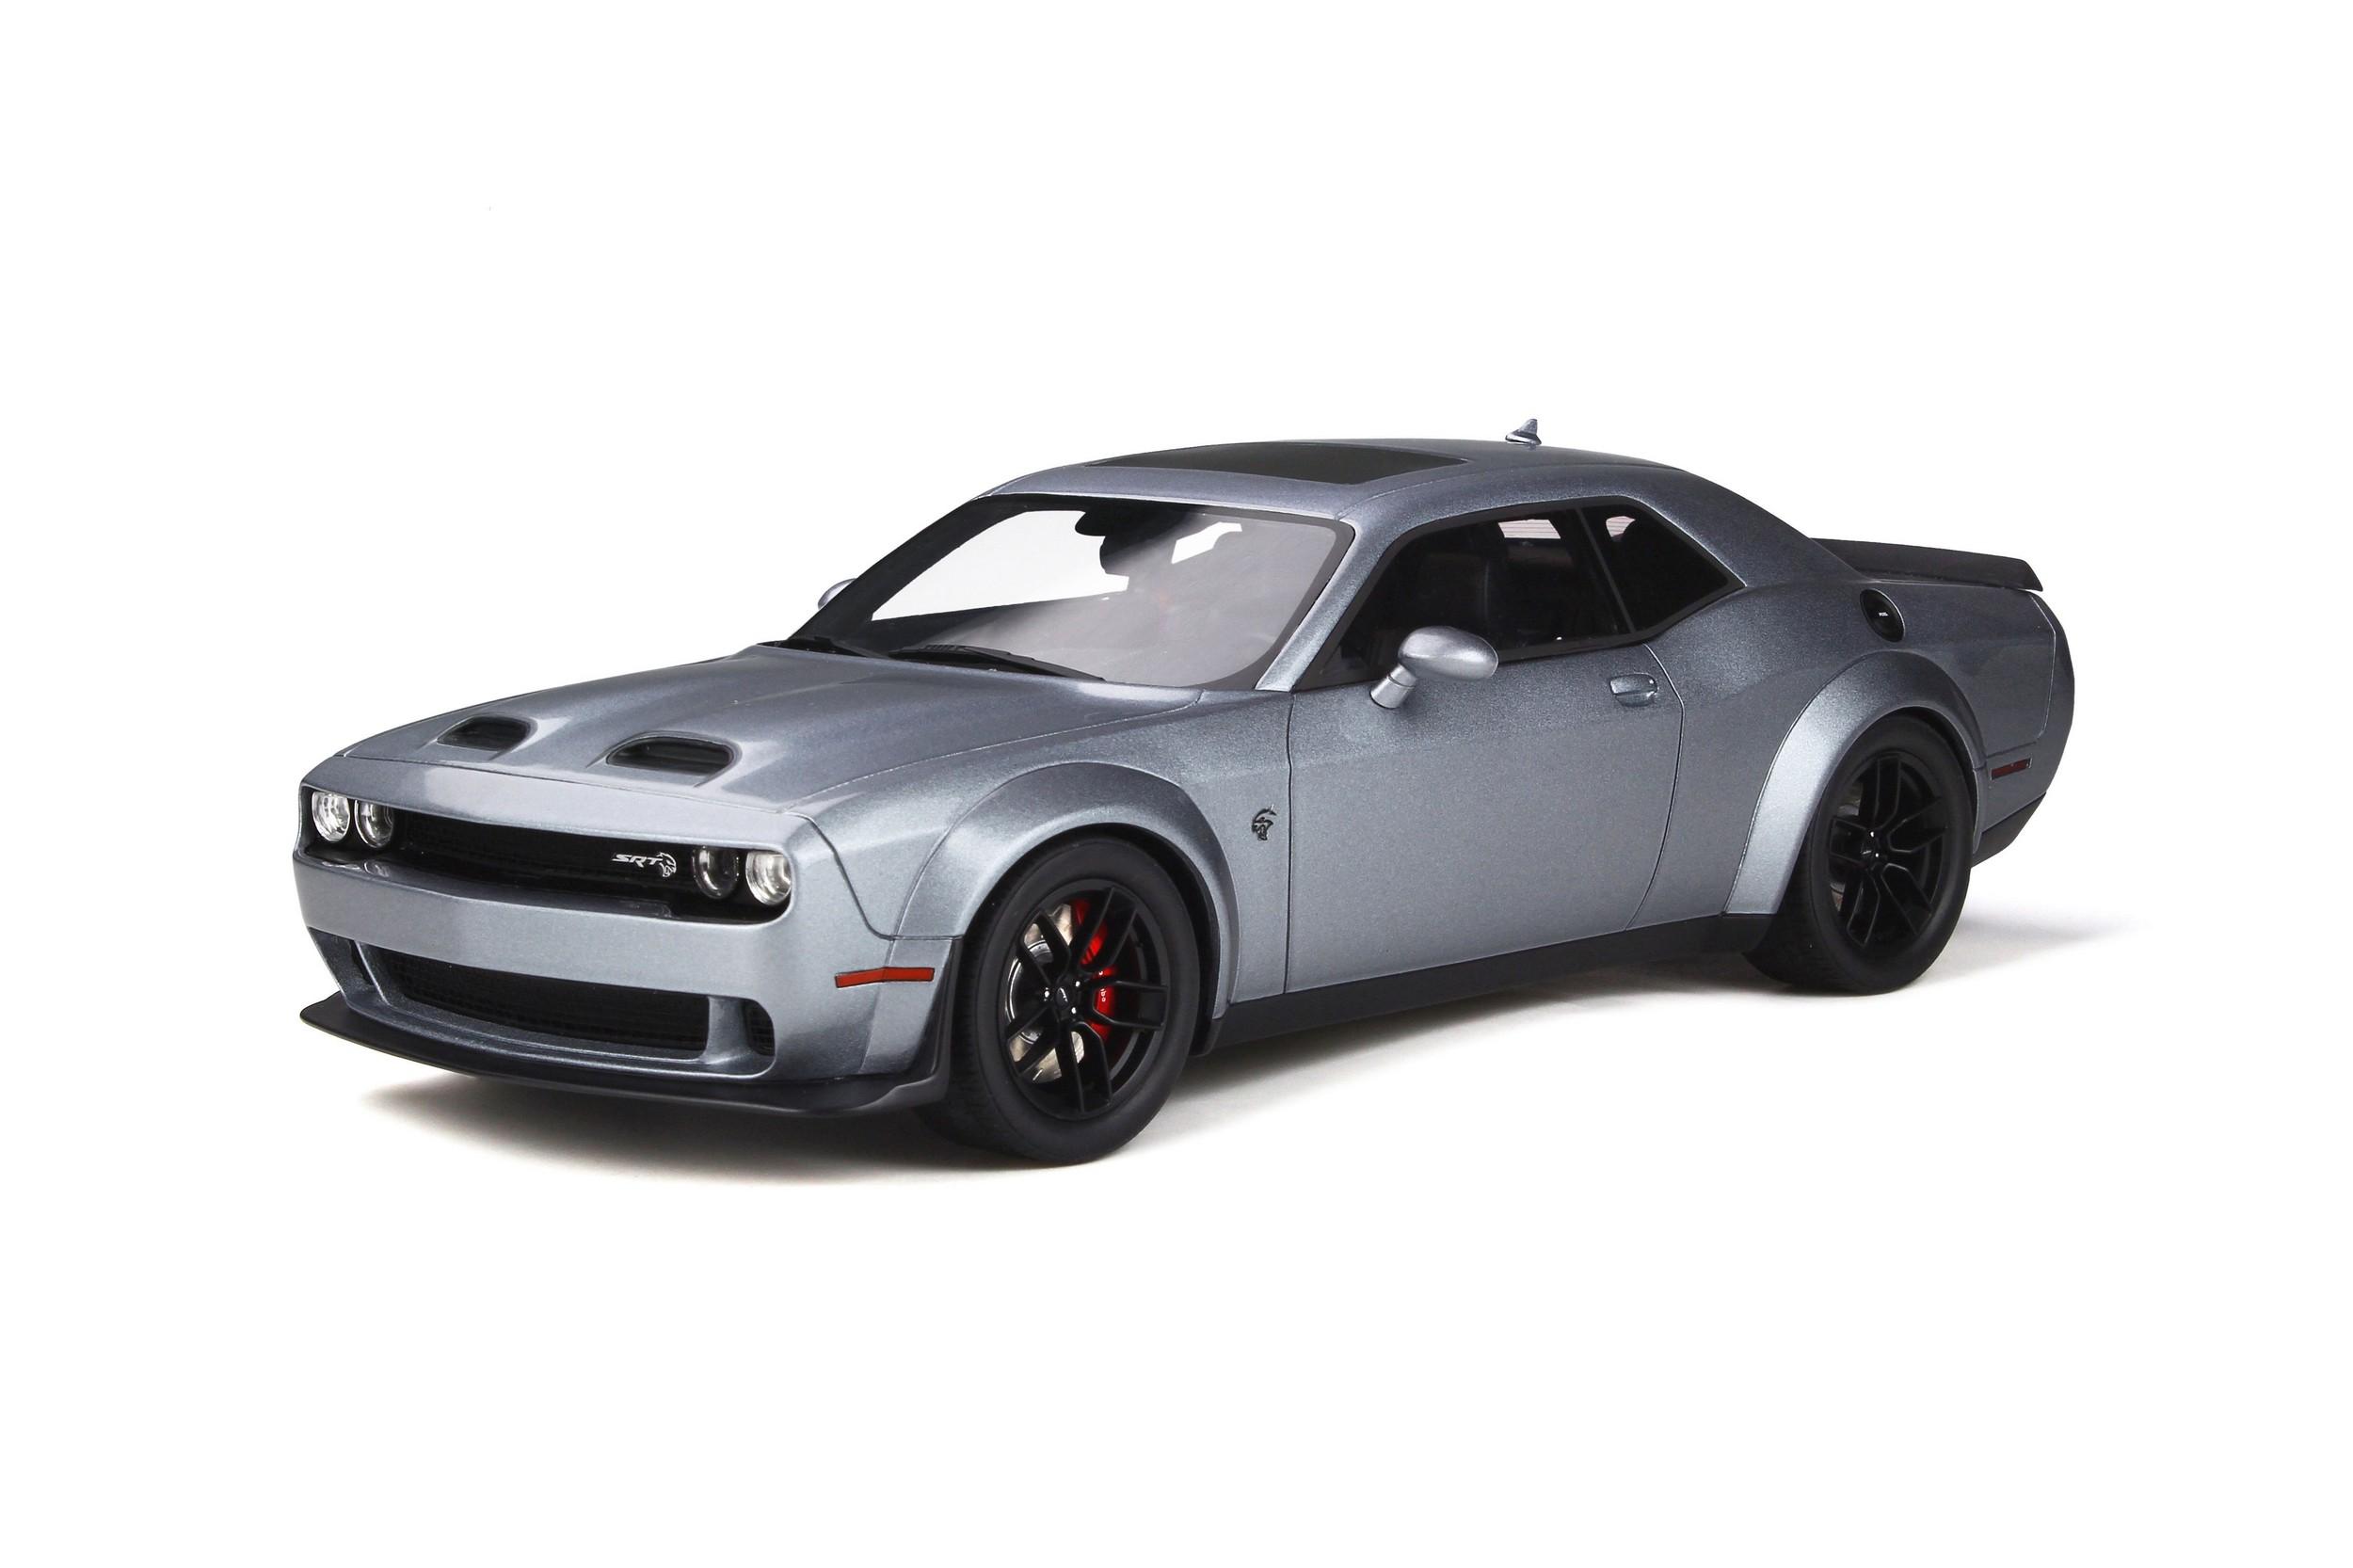 voiture de sport grise